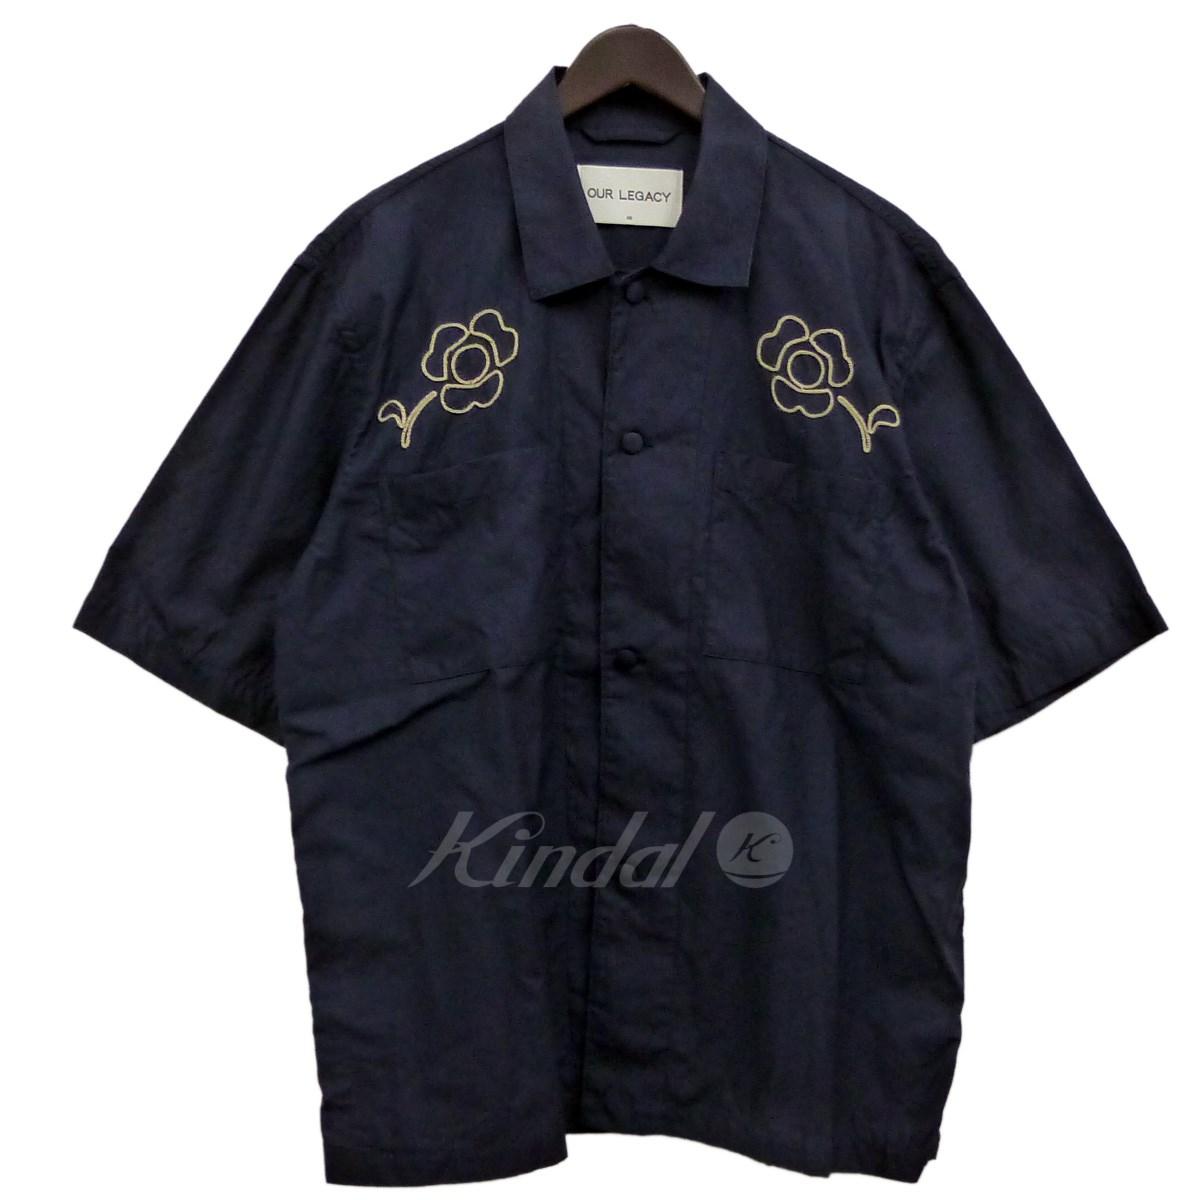 【中古】OUR LEGACY 刺繍シャツ ネイビー サイズ:48 【300718】(アワーレガシー)